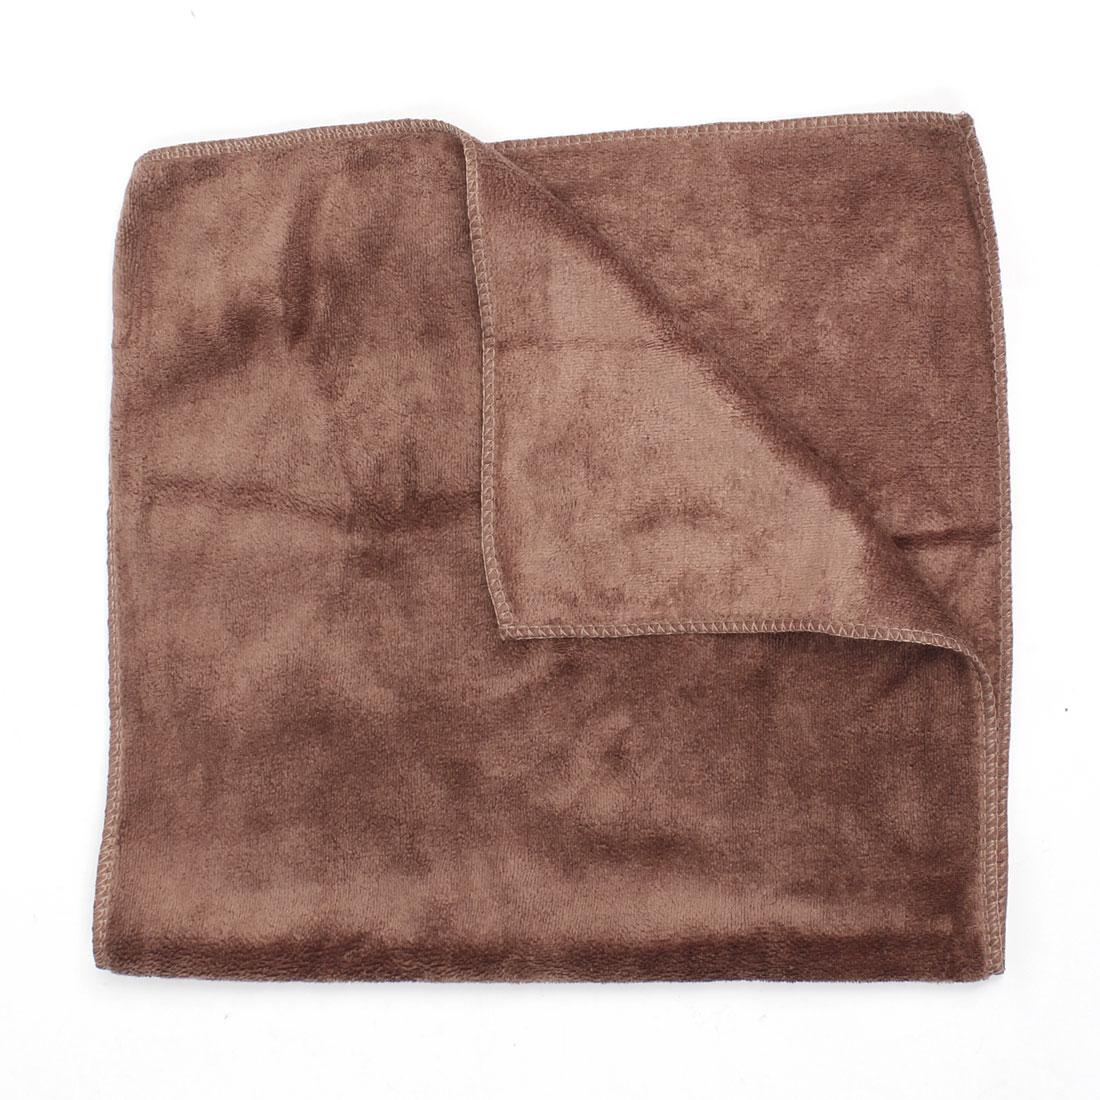 [해외]UXCELL 자동차 브라운 직사각형 61 X 32Cm 마이크로 화이버 타올 청소 천/UXCELL Car Brown Rectangle 61 X 32Cm Microfiber Towel Cleaning Cloth